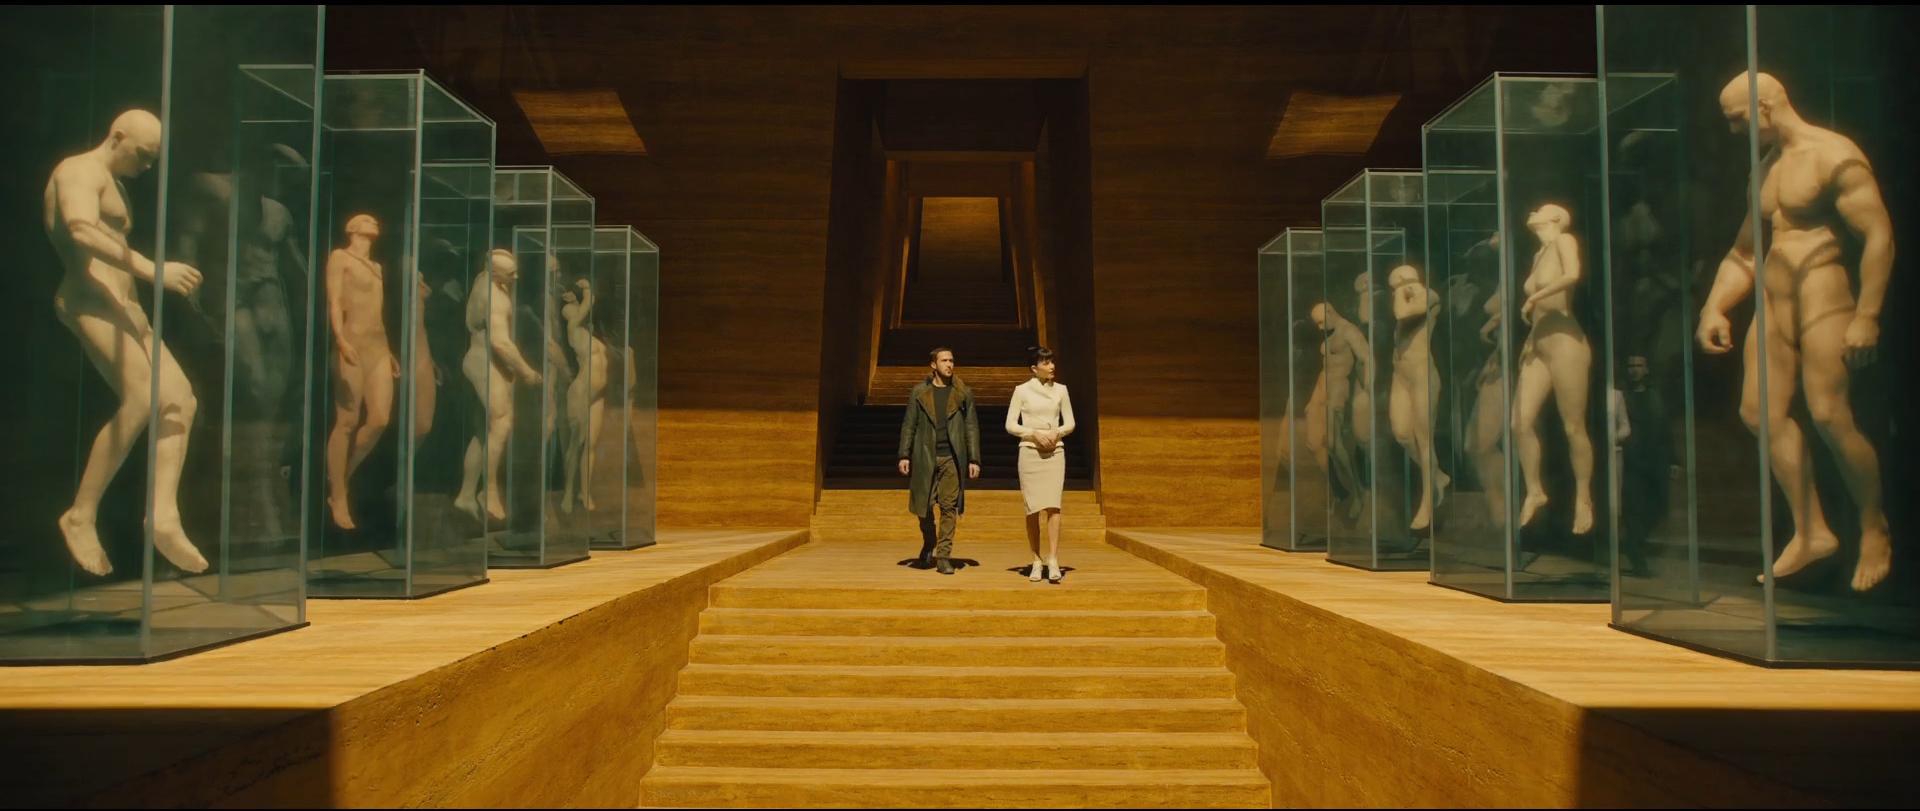 Rya Gosling e Sylvia Hoeks (Luv) caminha em direção a uma escada em um grande salão rodeado por aquários contendo corpos humanos